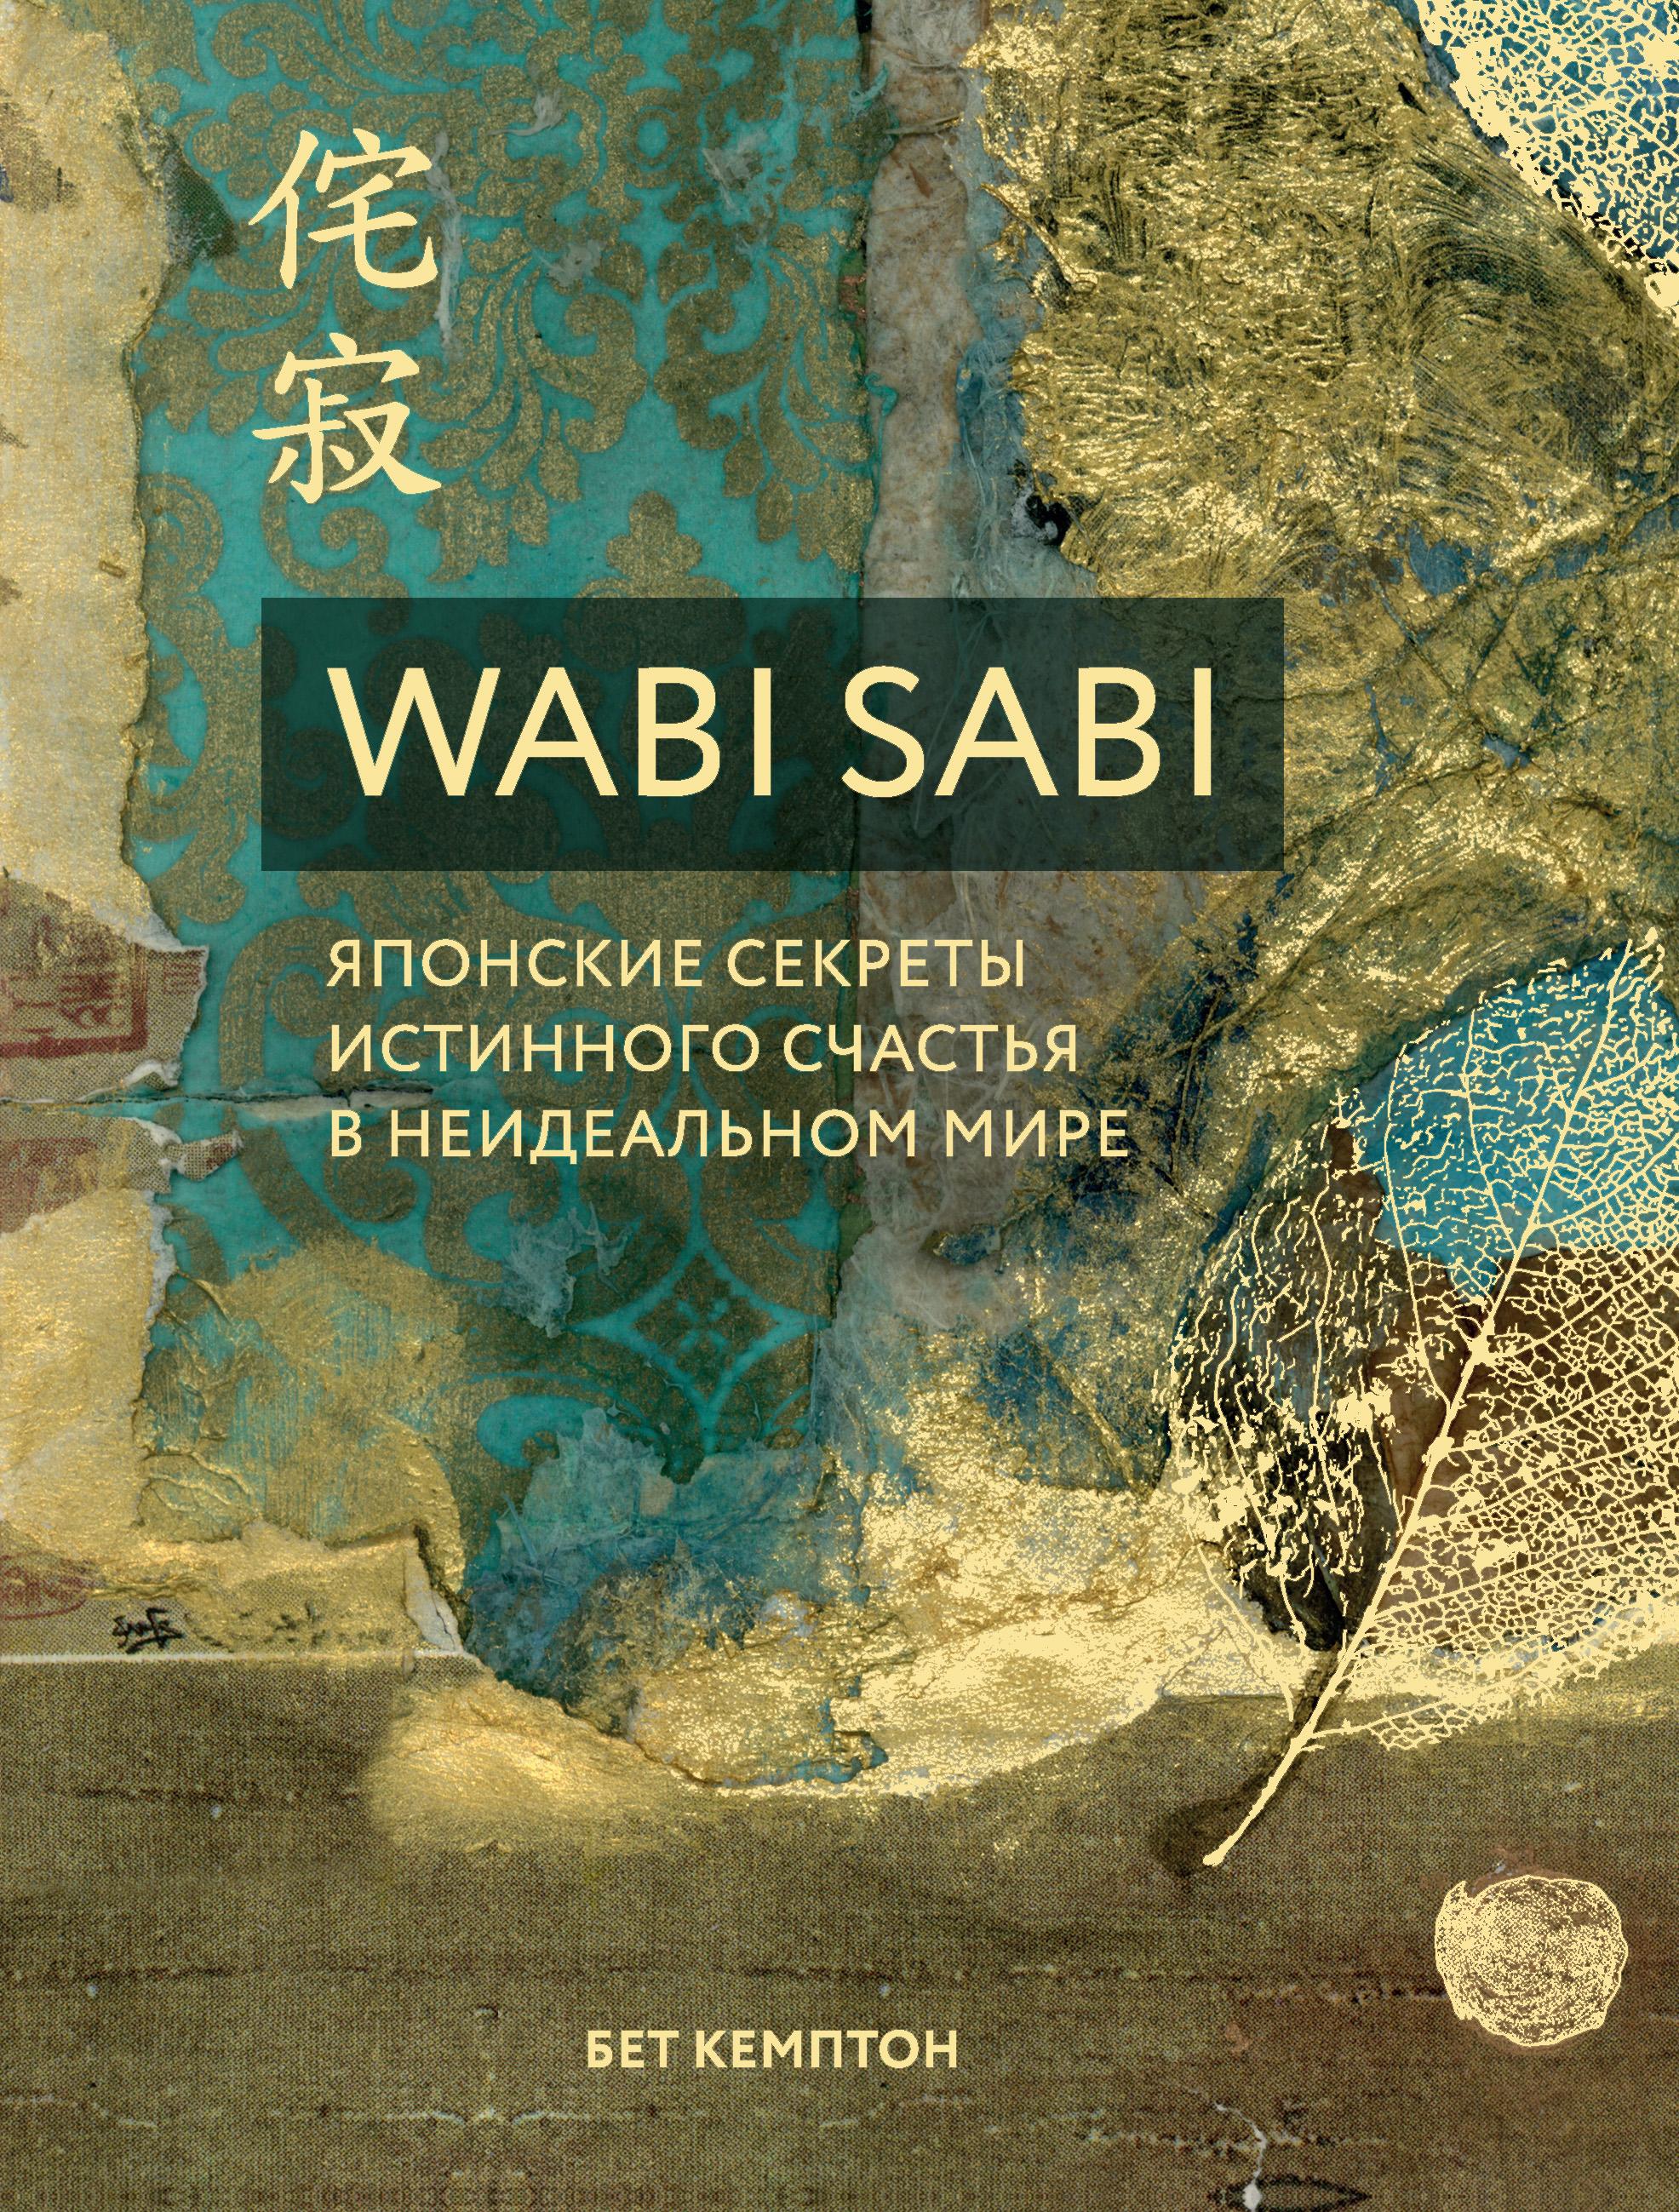 Бет Кемптон Wabi Sabi. Японские секреты истинного счастья в неидеальном мире бет кемптон wabi sabi японские секреты истинного счастья в неидеальном мире